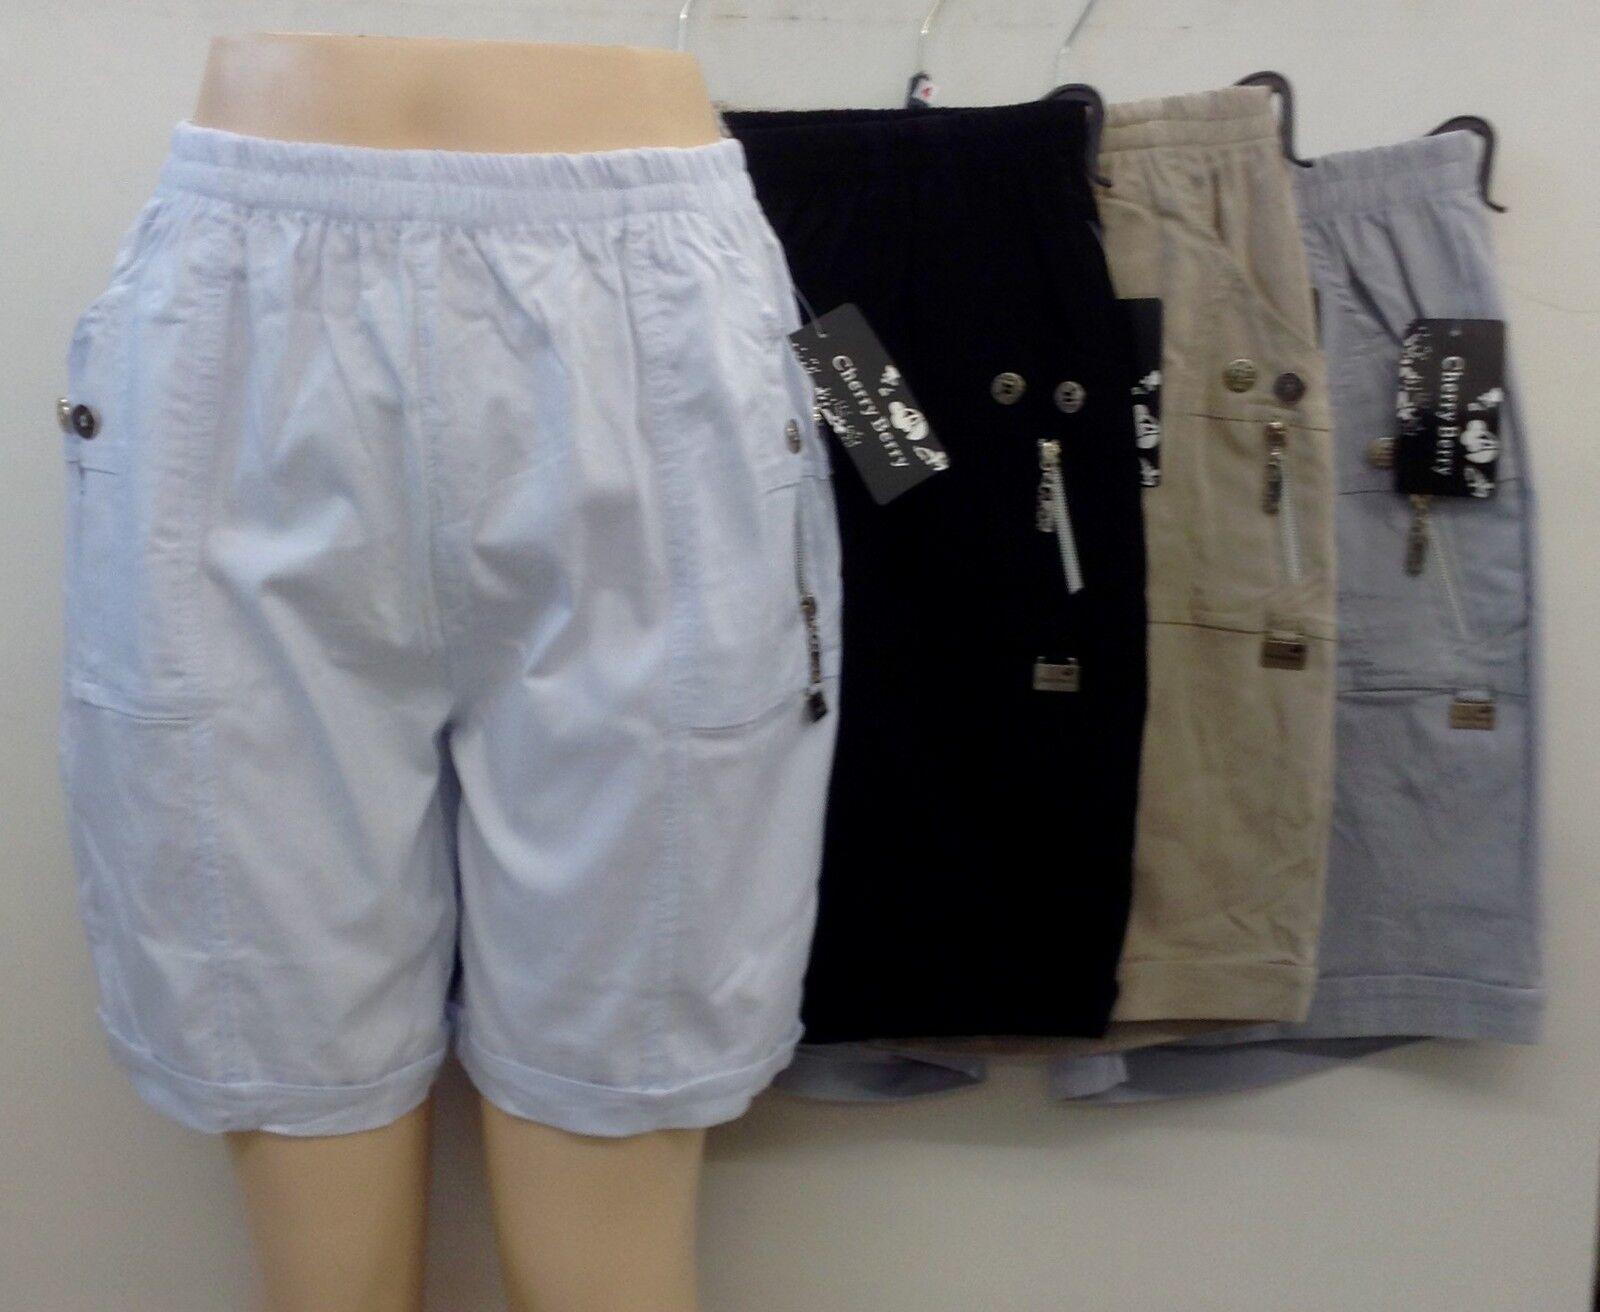 damen sommer stoff schlupf kurze hose shorts stretch caprihose bermuda bequem eur 15 00. Black Bedroom Furniture Sets. Home Design Ideas